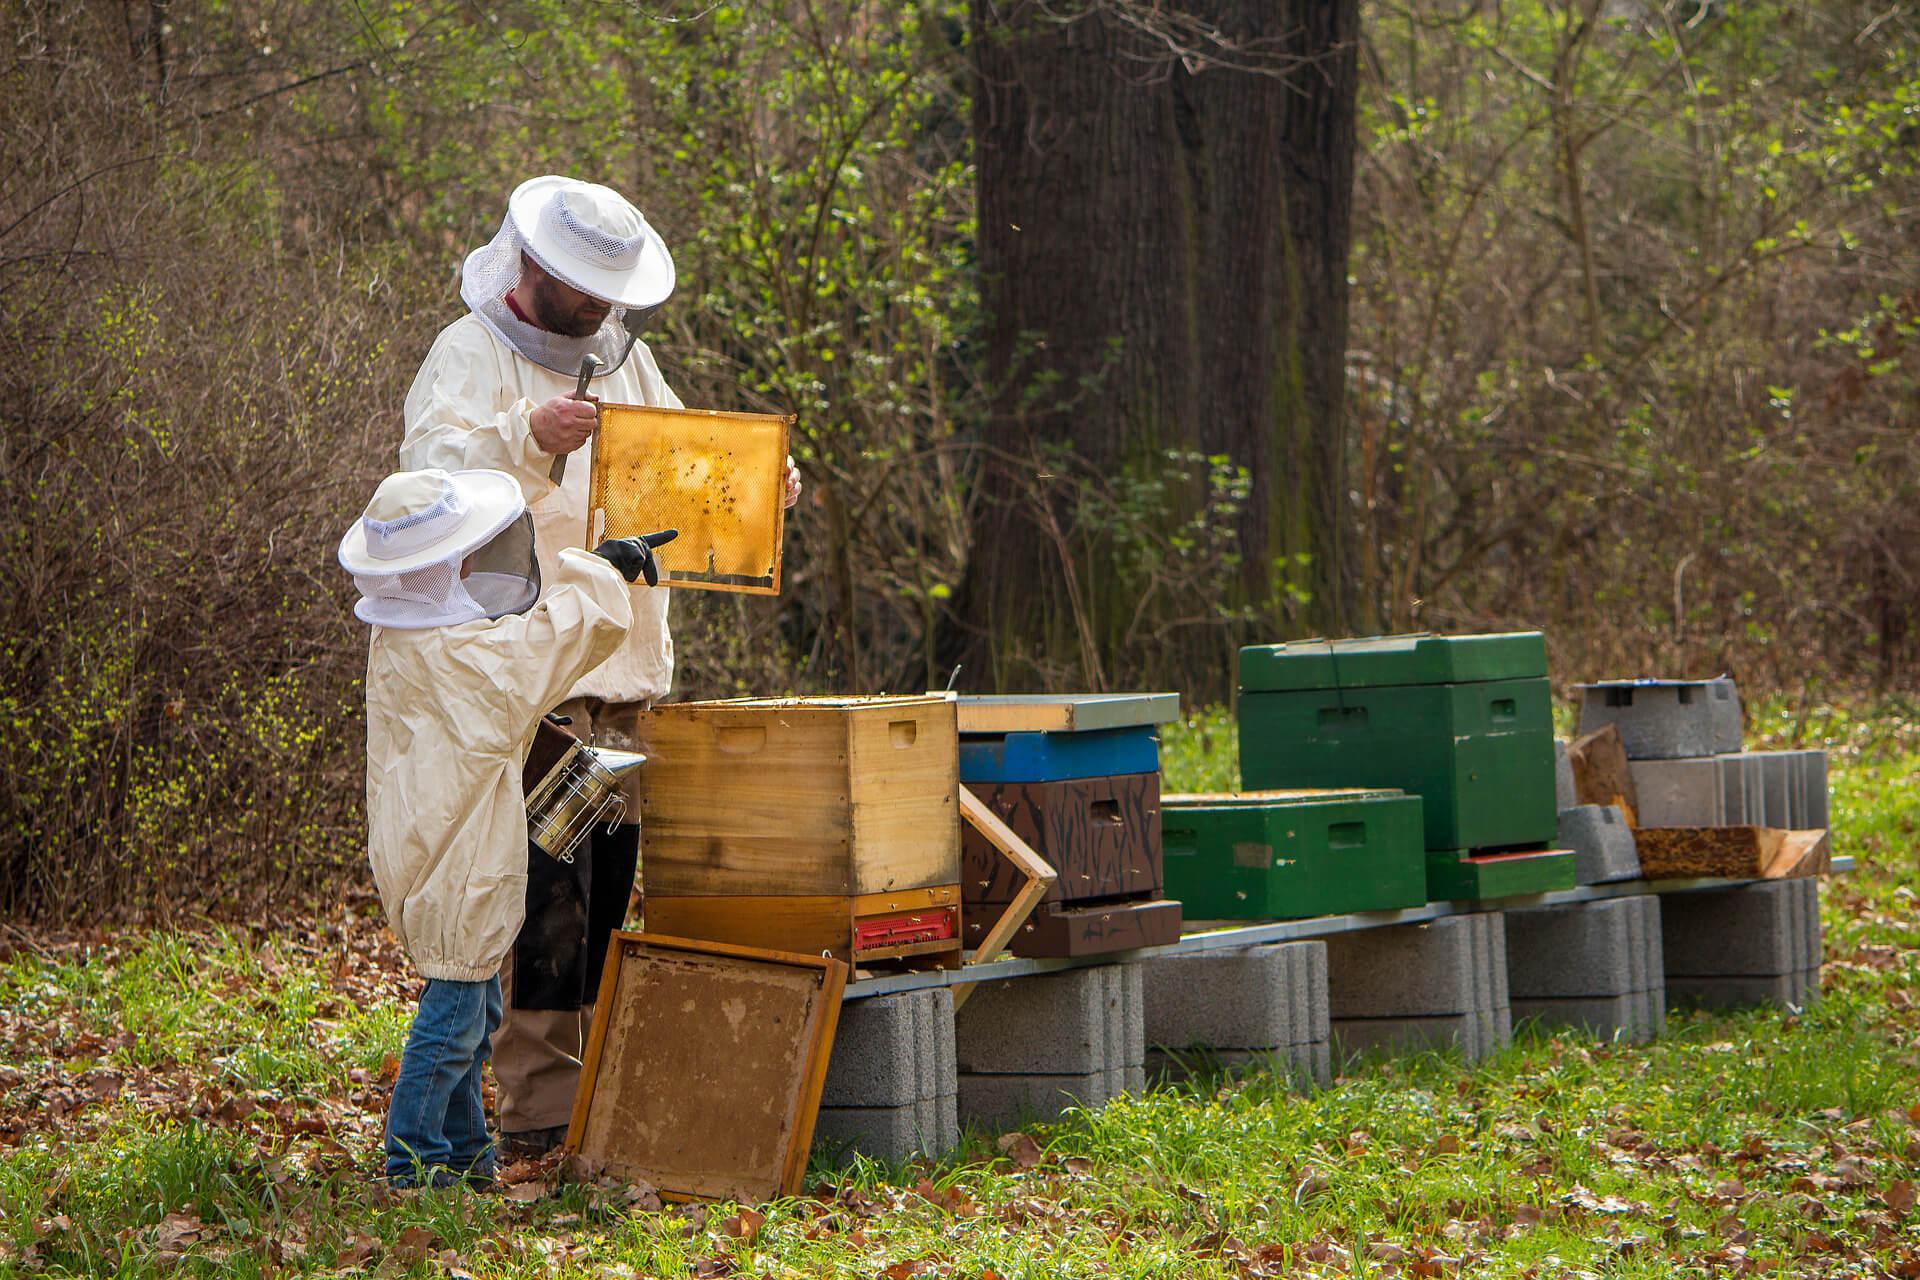 Todo el sector apícola extremeño denuncia la dramática situación que pone en peligro el sostenimiento económico de muchas explotaciones